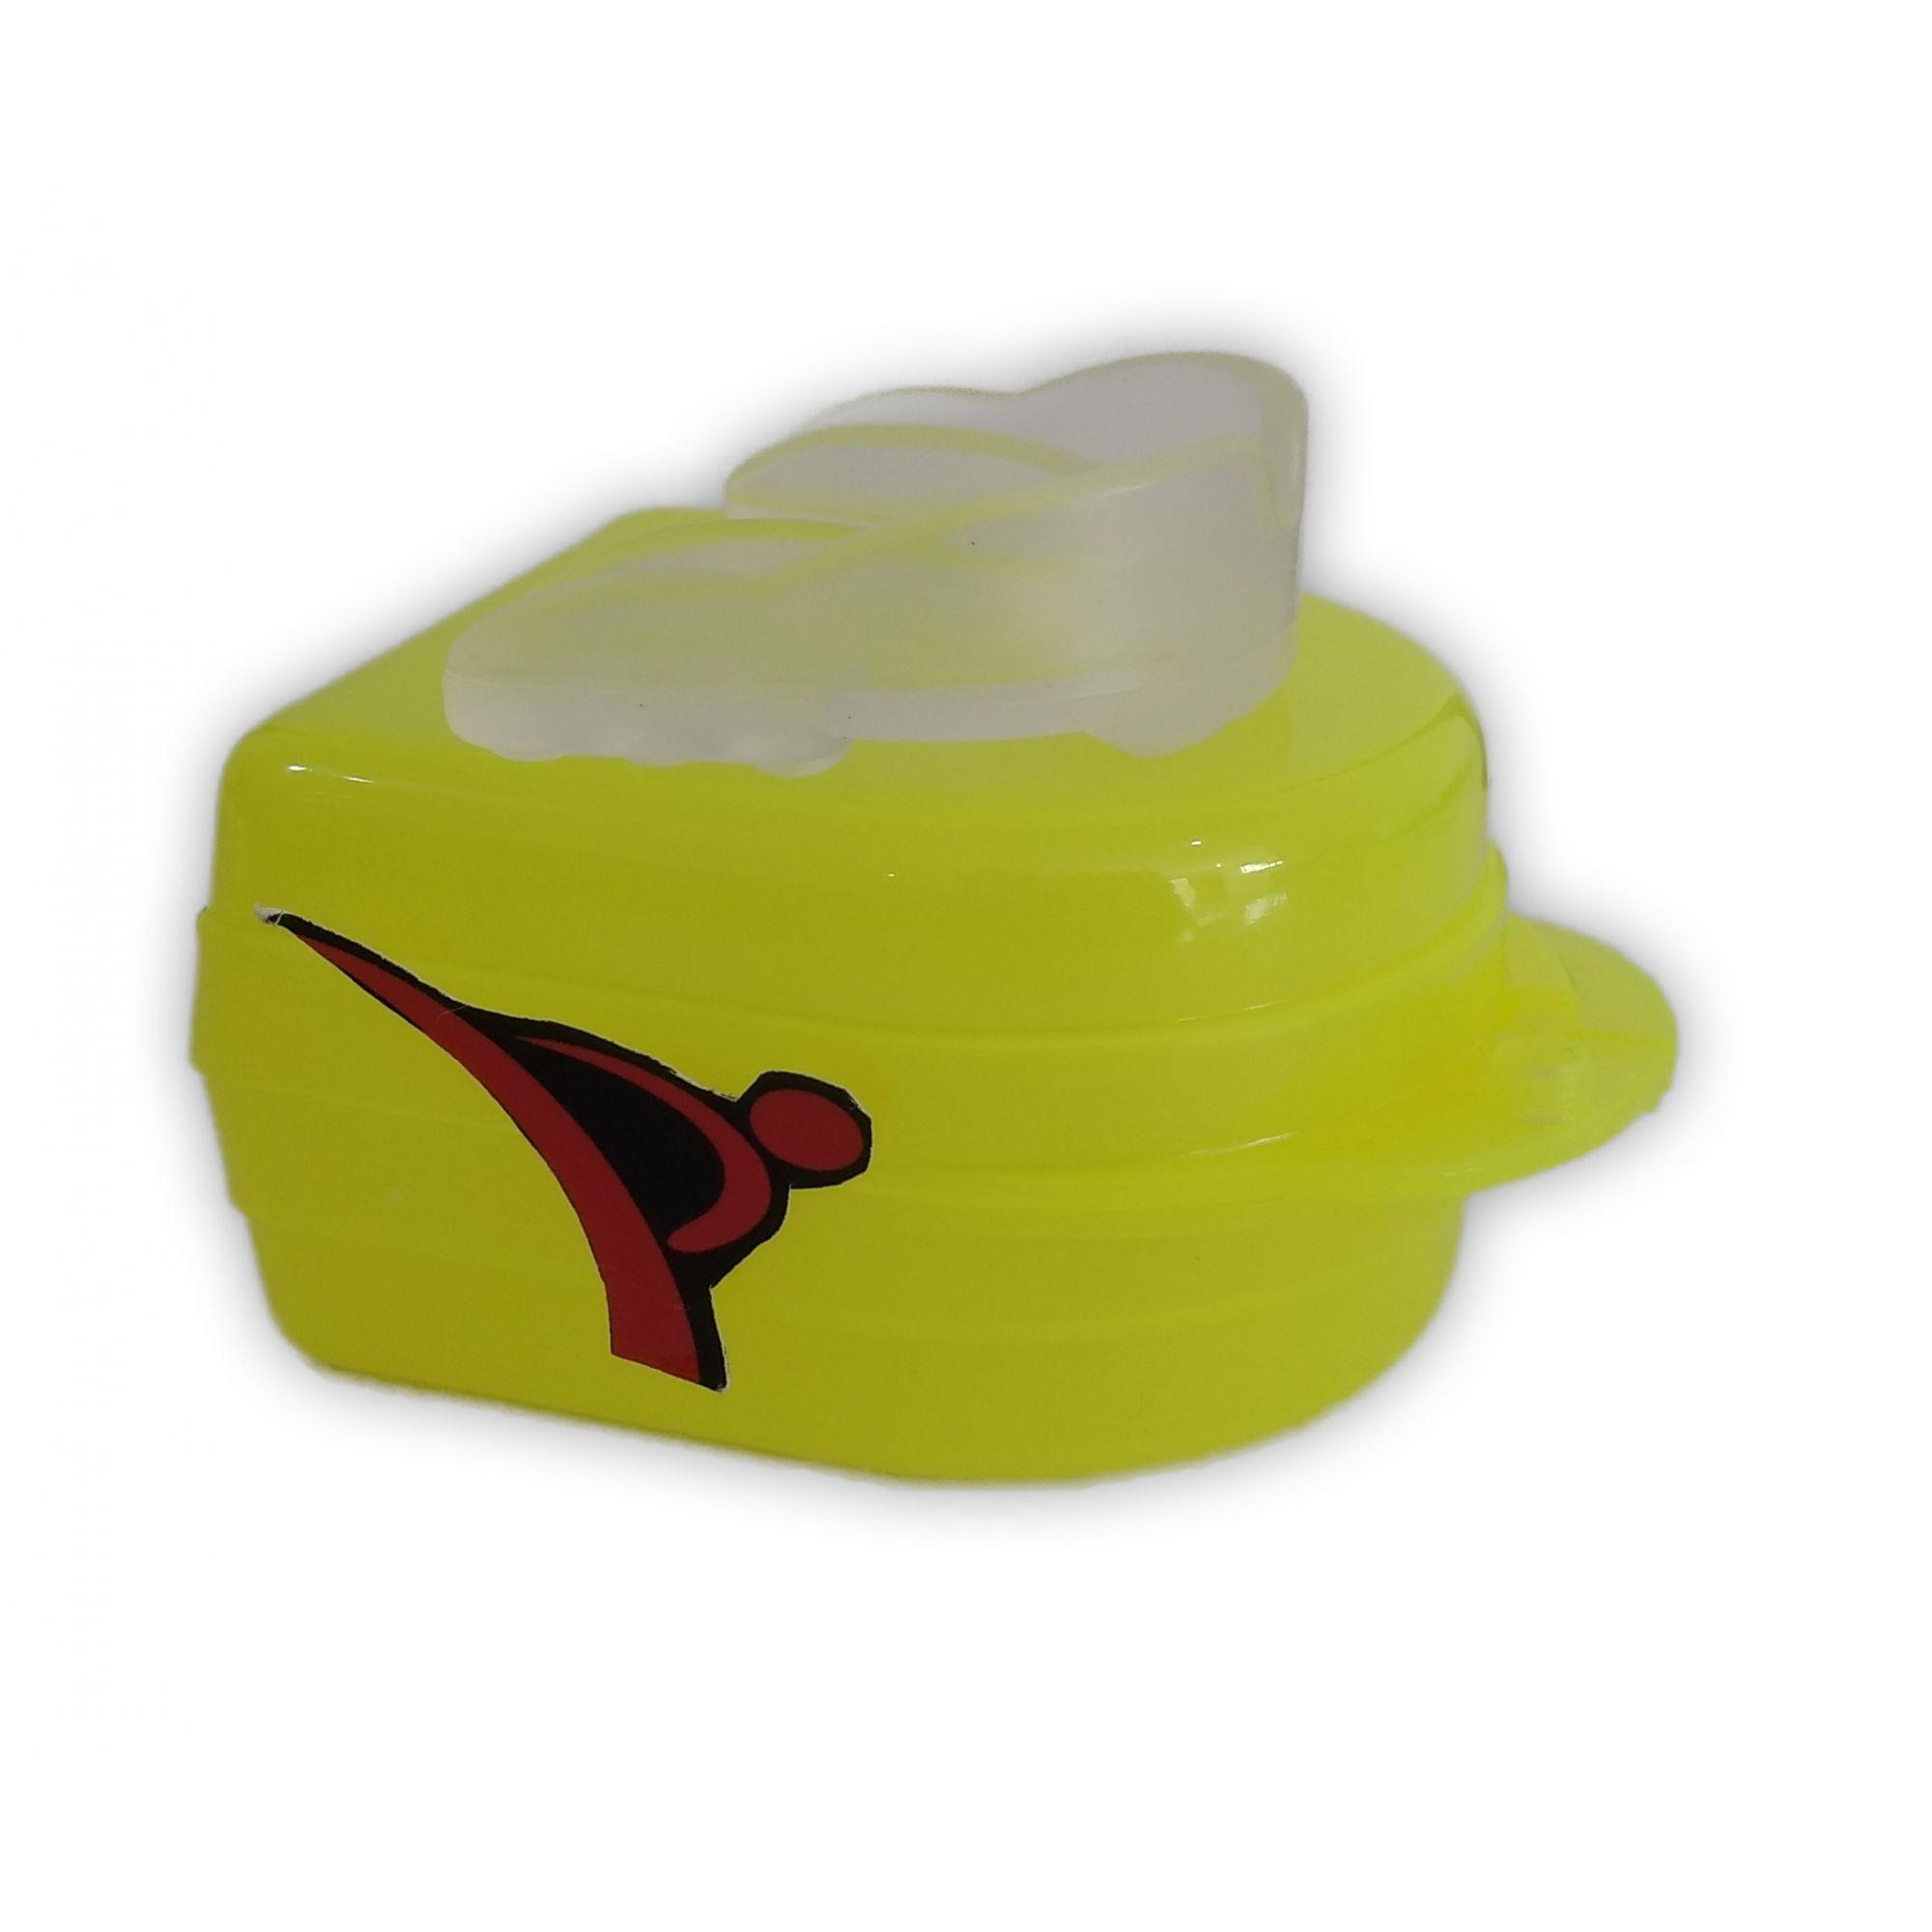 Protetor Bucal Dentes Simples Moldável Água Quente C/ Estojo Transparente - Vollo  - PRALUTA SHOP